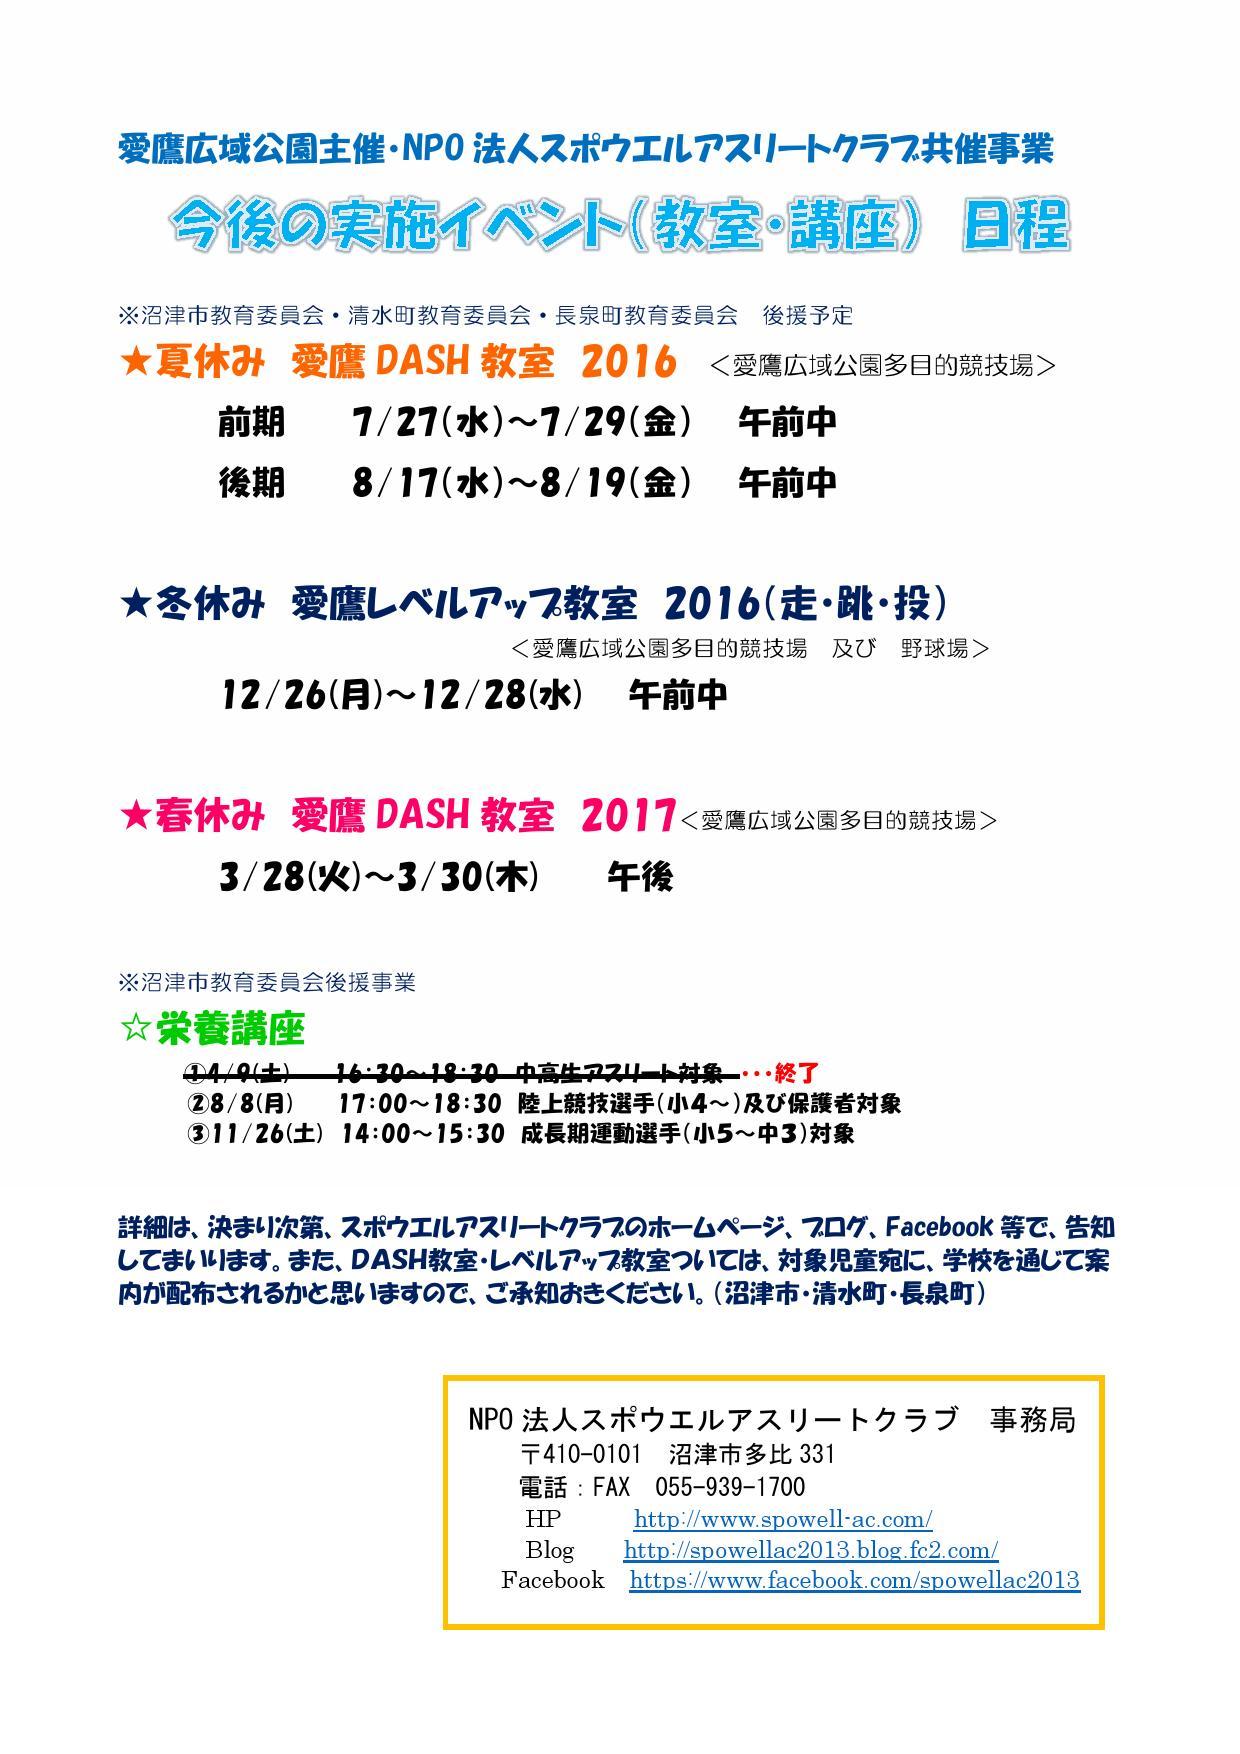 20160515愛鷹共催事業